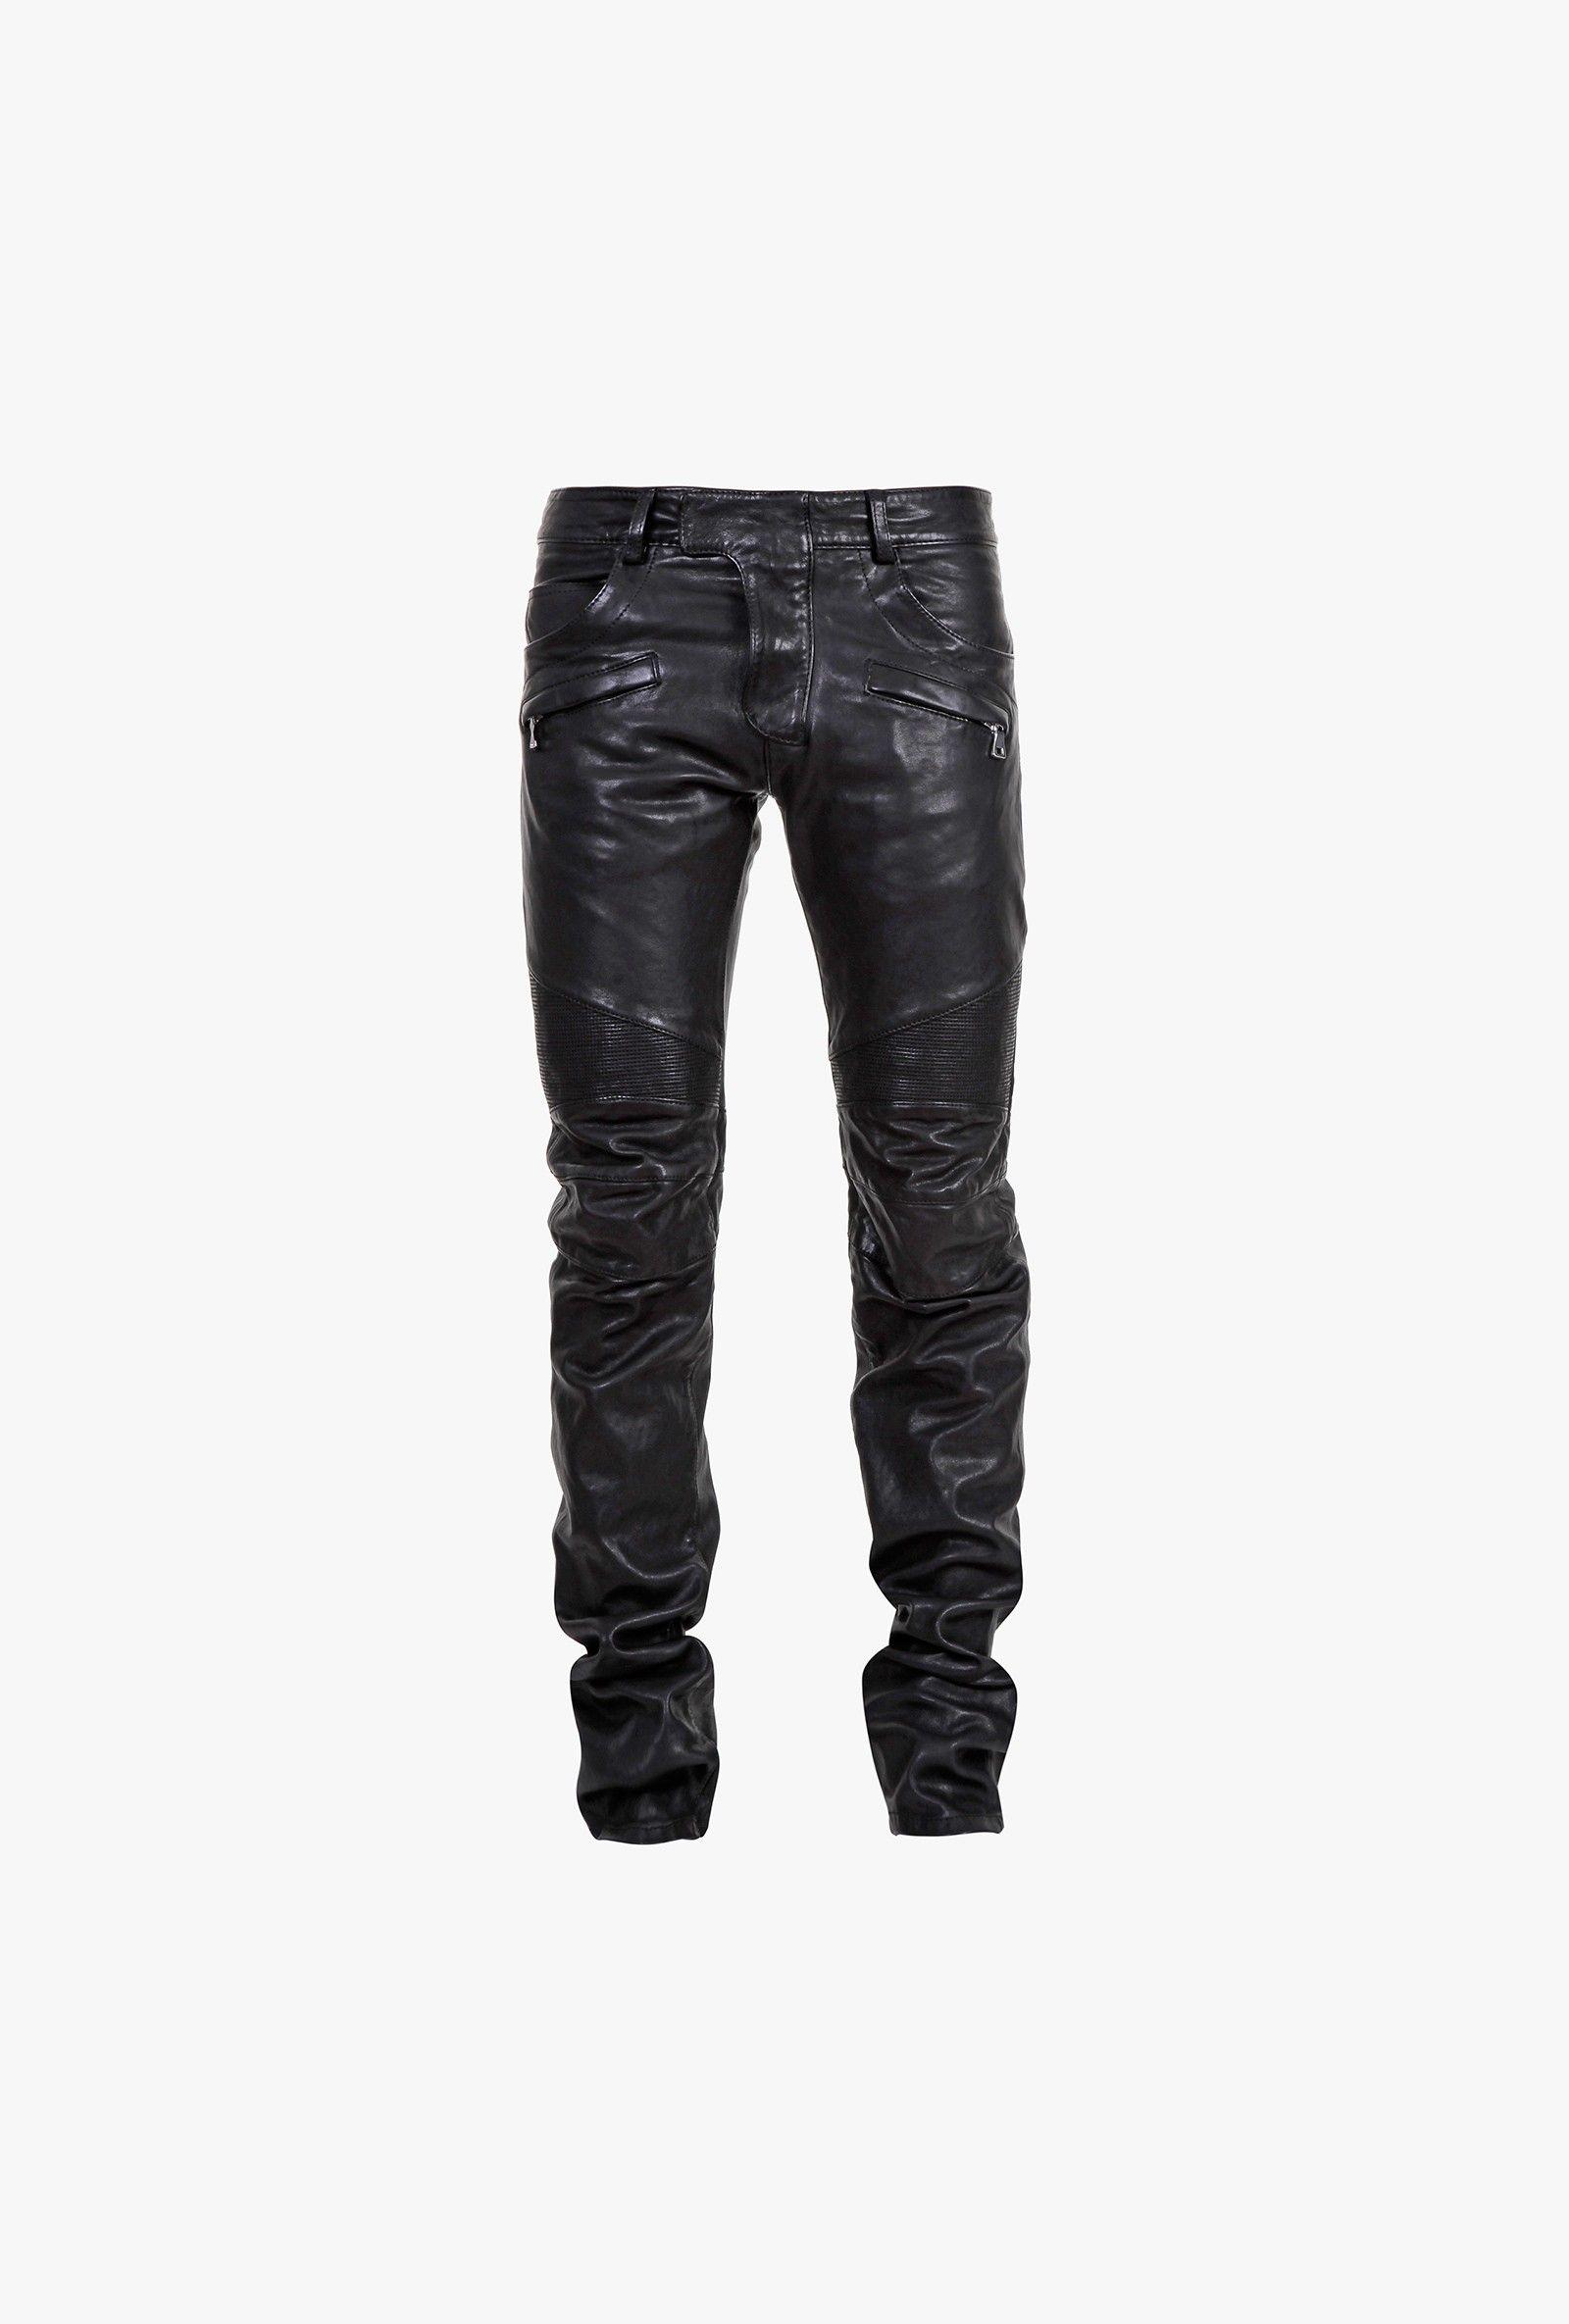 7a587468eb65cb Pin by ali alzahrani on Men's fashion   Biker jeans, Biker pants ...